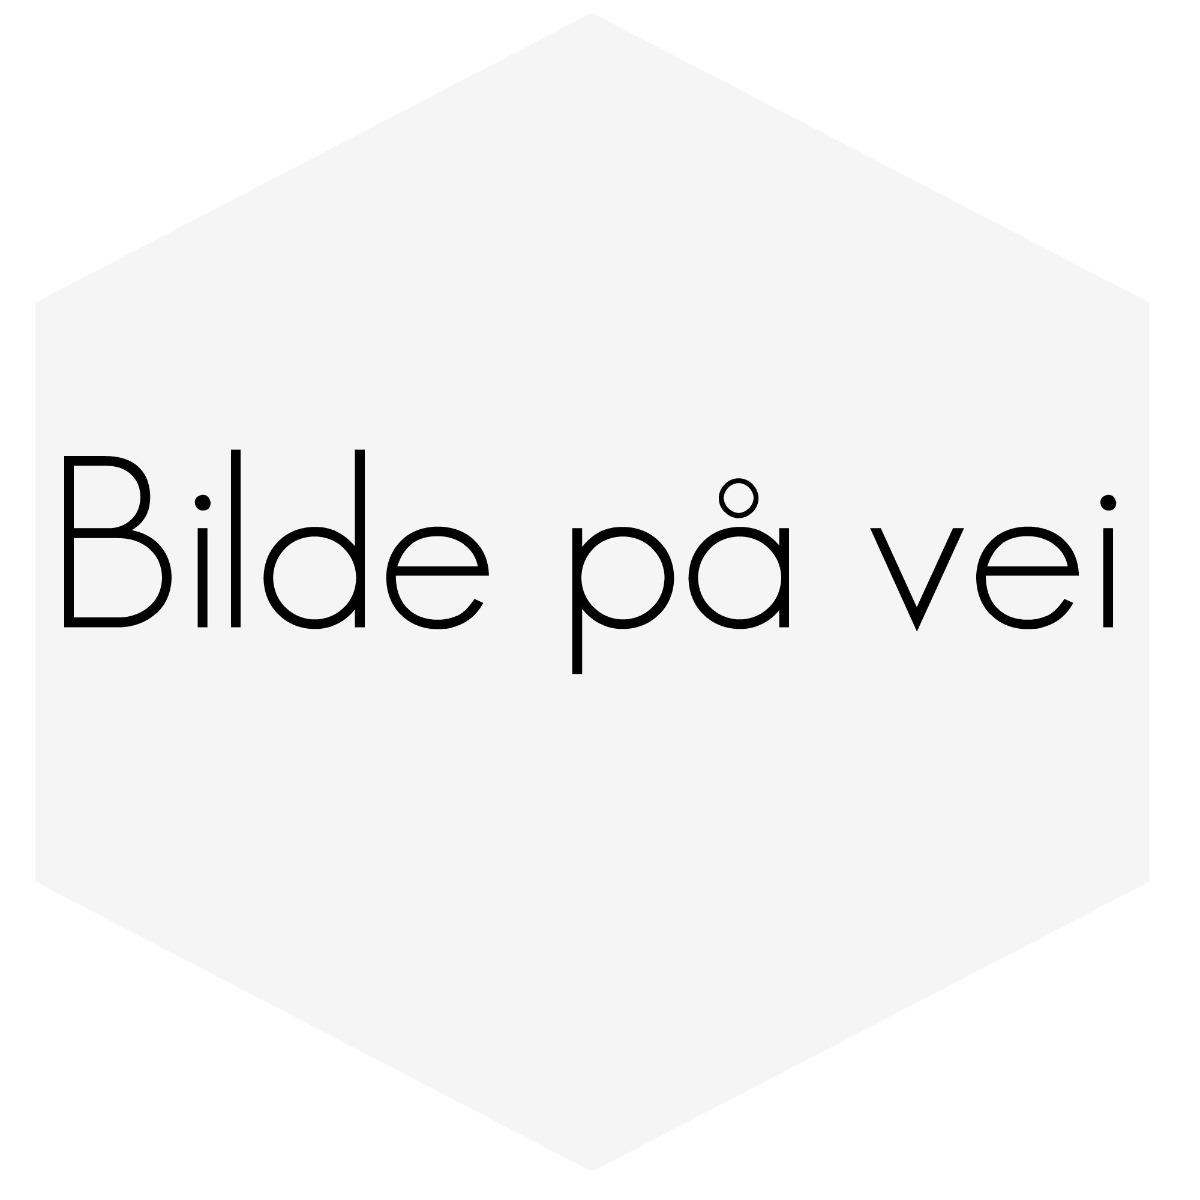 FJÆRBENTOPP KUN LAGER 700/900 3530341/1273747